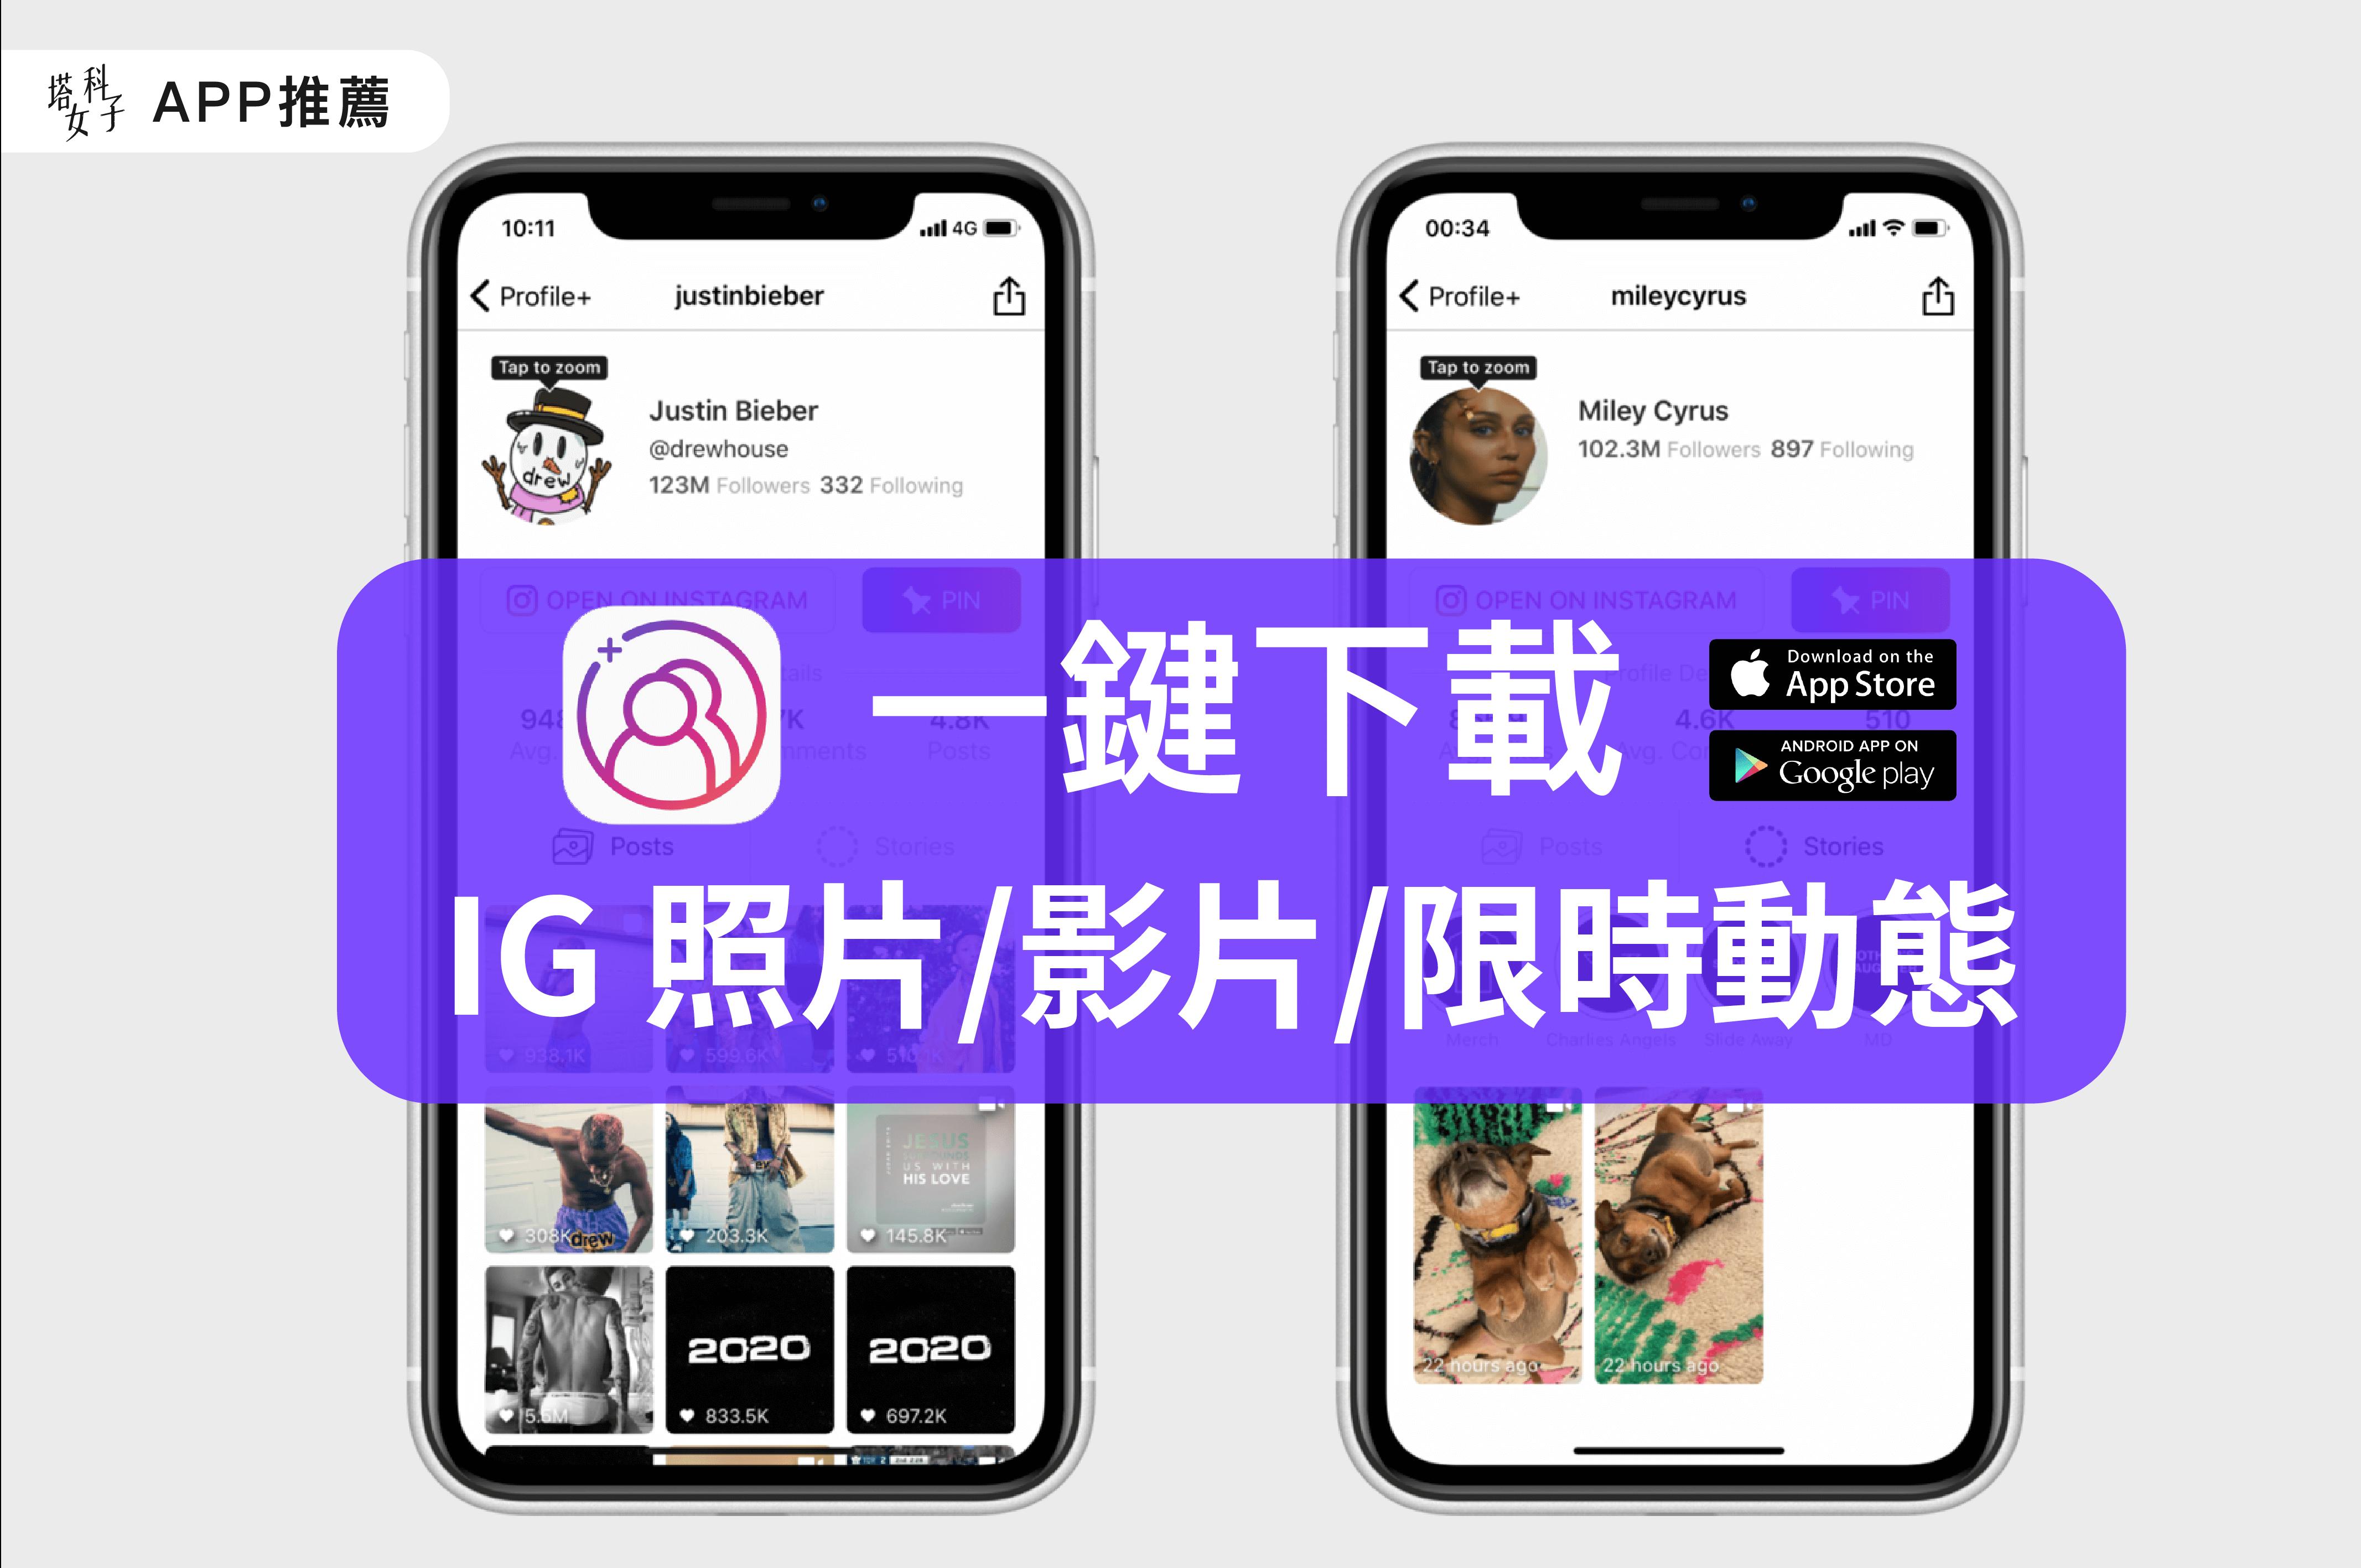 ig 照片下載/ ig影片下載/ ig 限時動態下載 (iphone/Android)- Profile+ Stories for Instagram